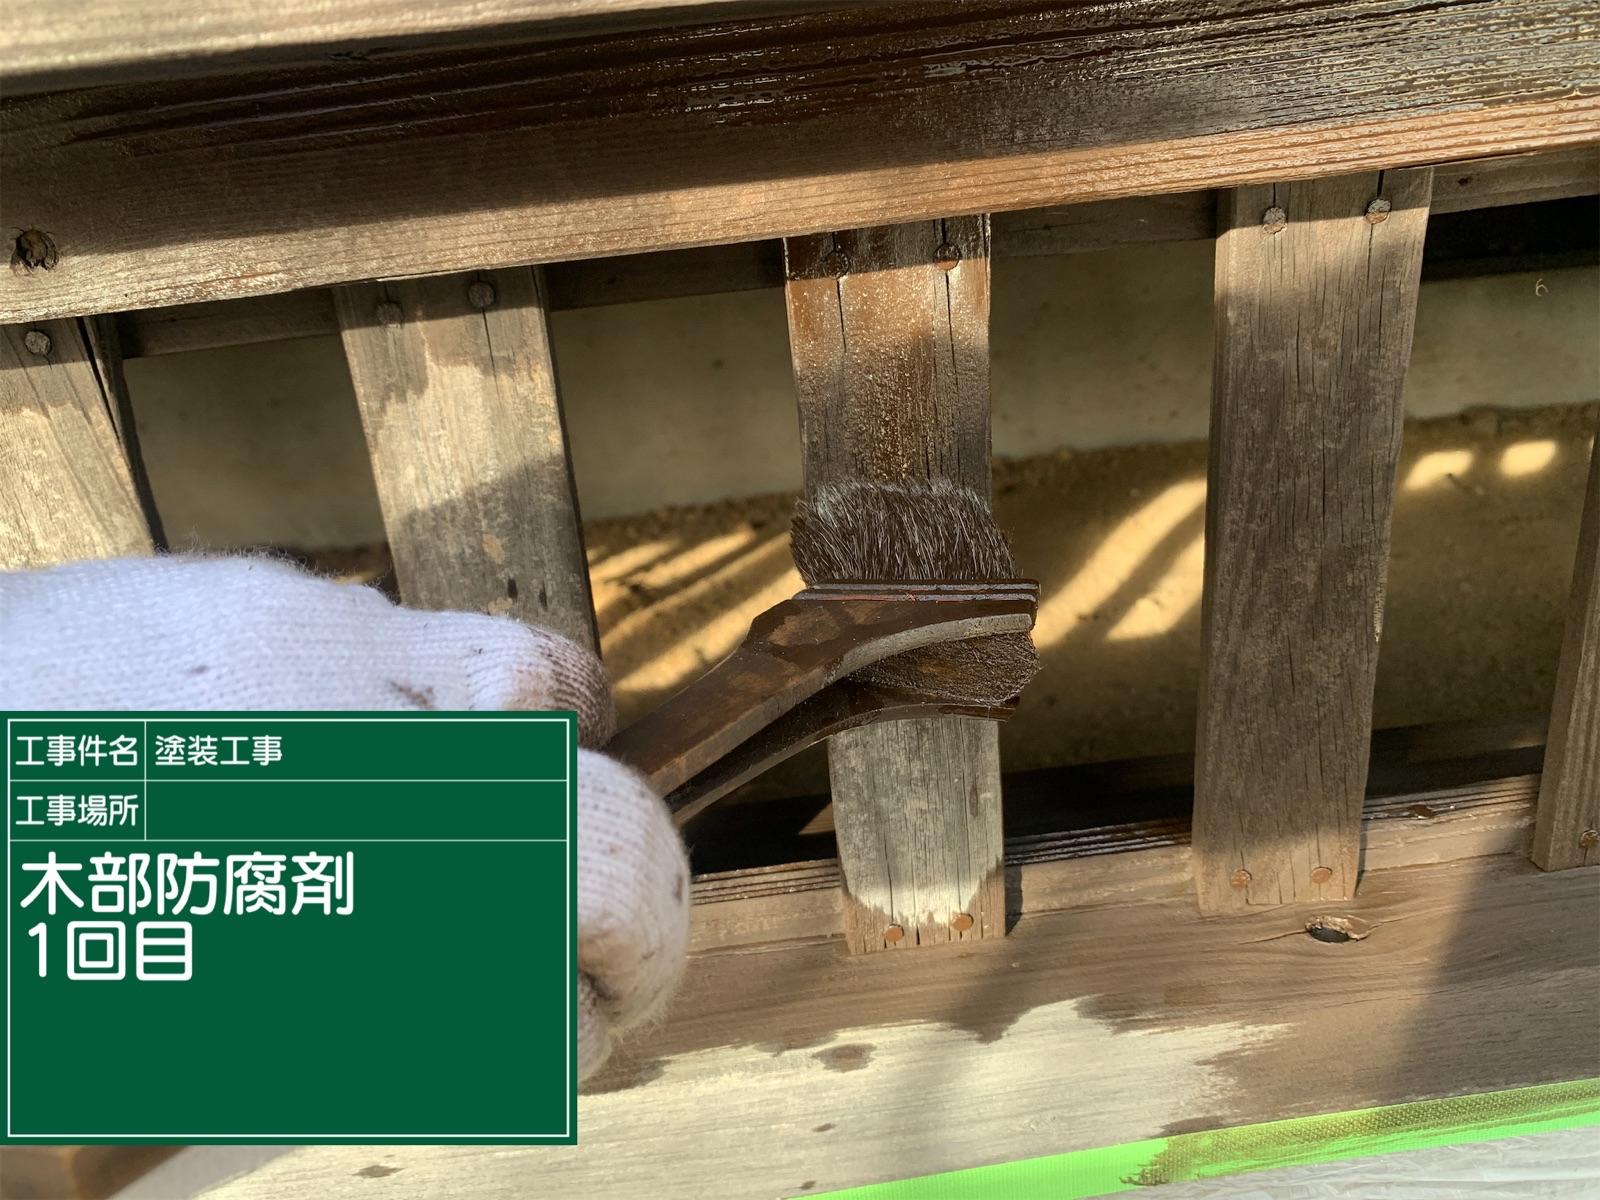 木部防腐剤1回目中(3)300018